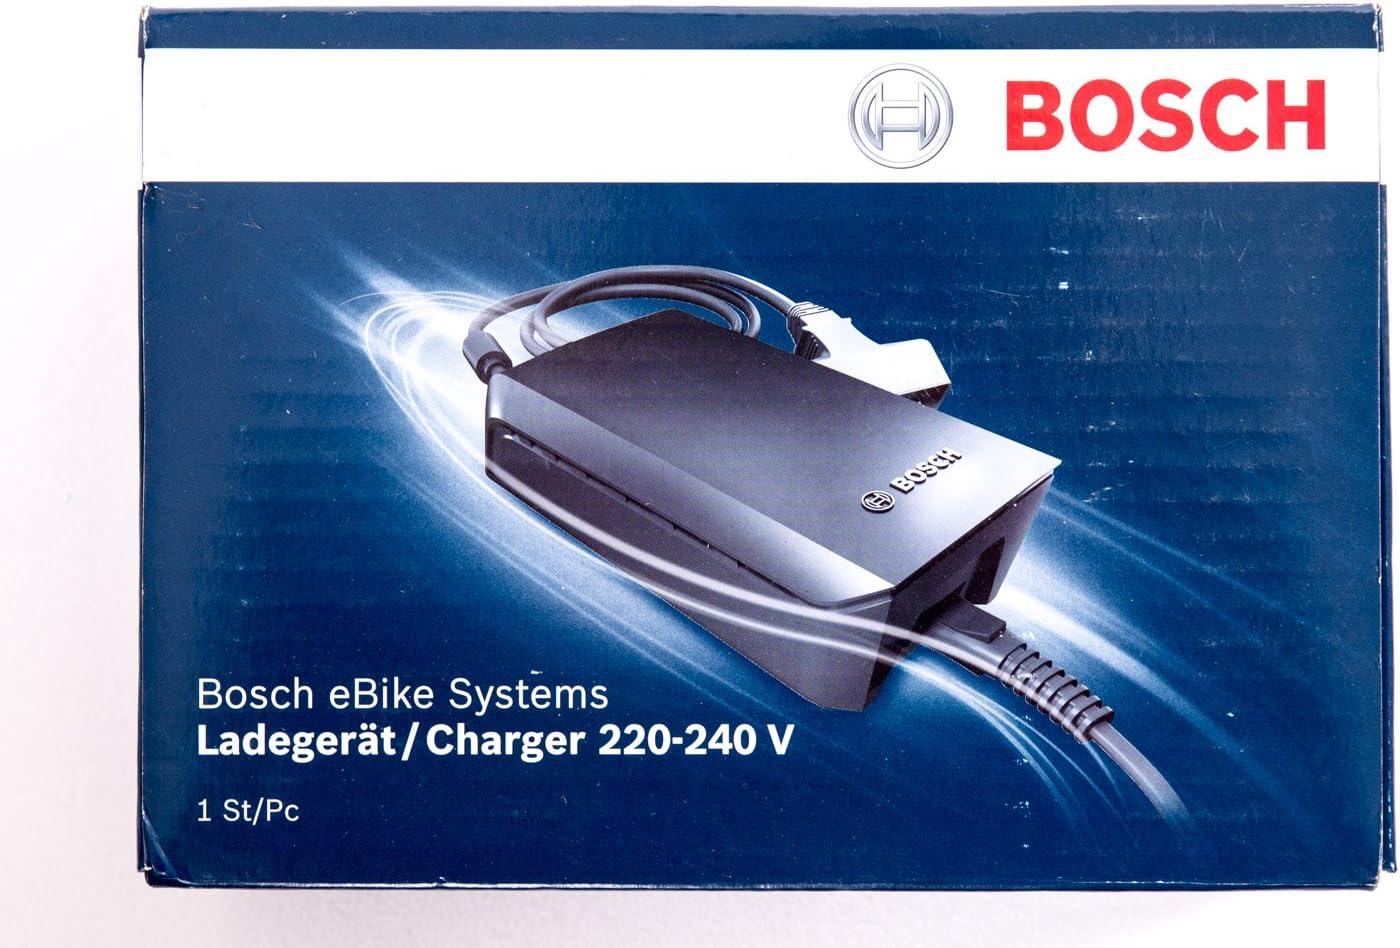 Schnellladegerät  6A eBike Ladegerät 220-240 V Bosch E-Bike Fast Charger NEU